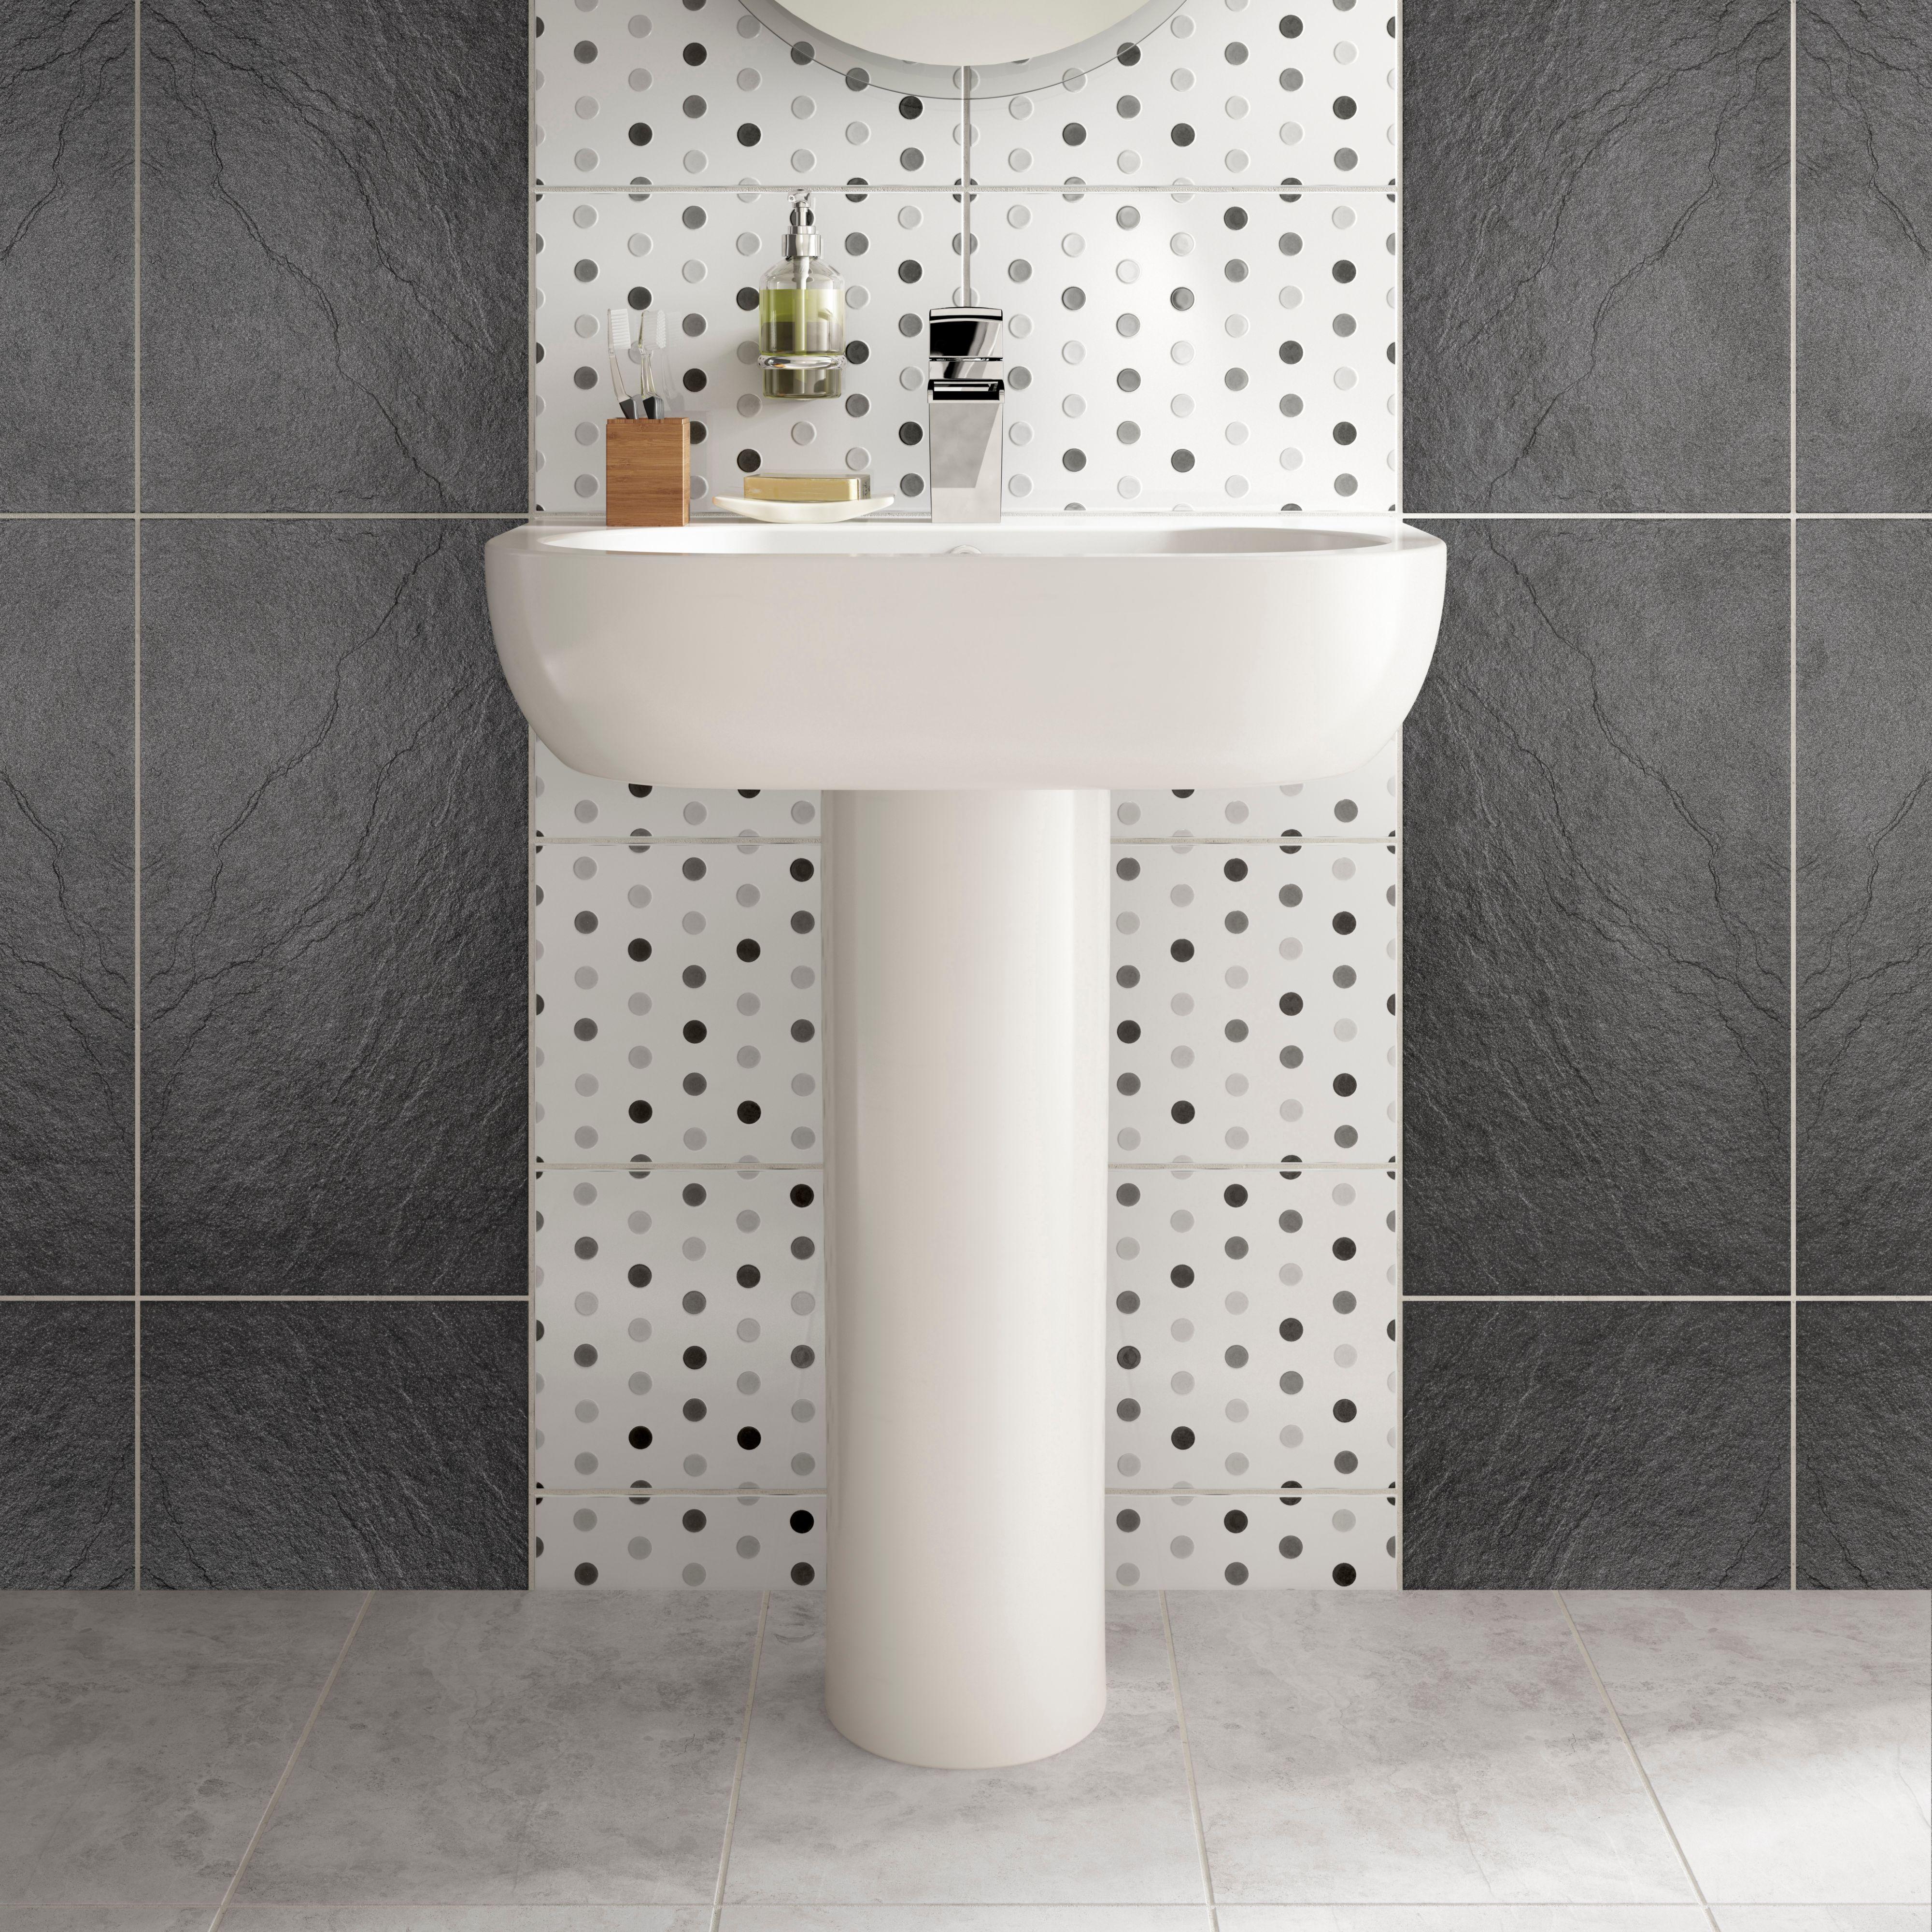 Magma Black Stone Effect Plain Porcelain Wall & Floor Tile, Pack of ...